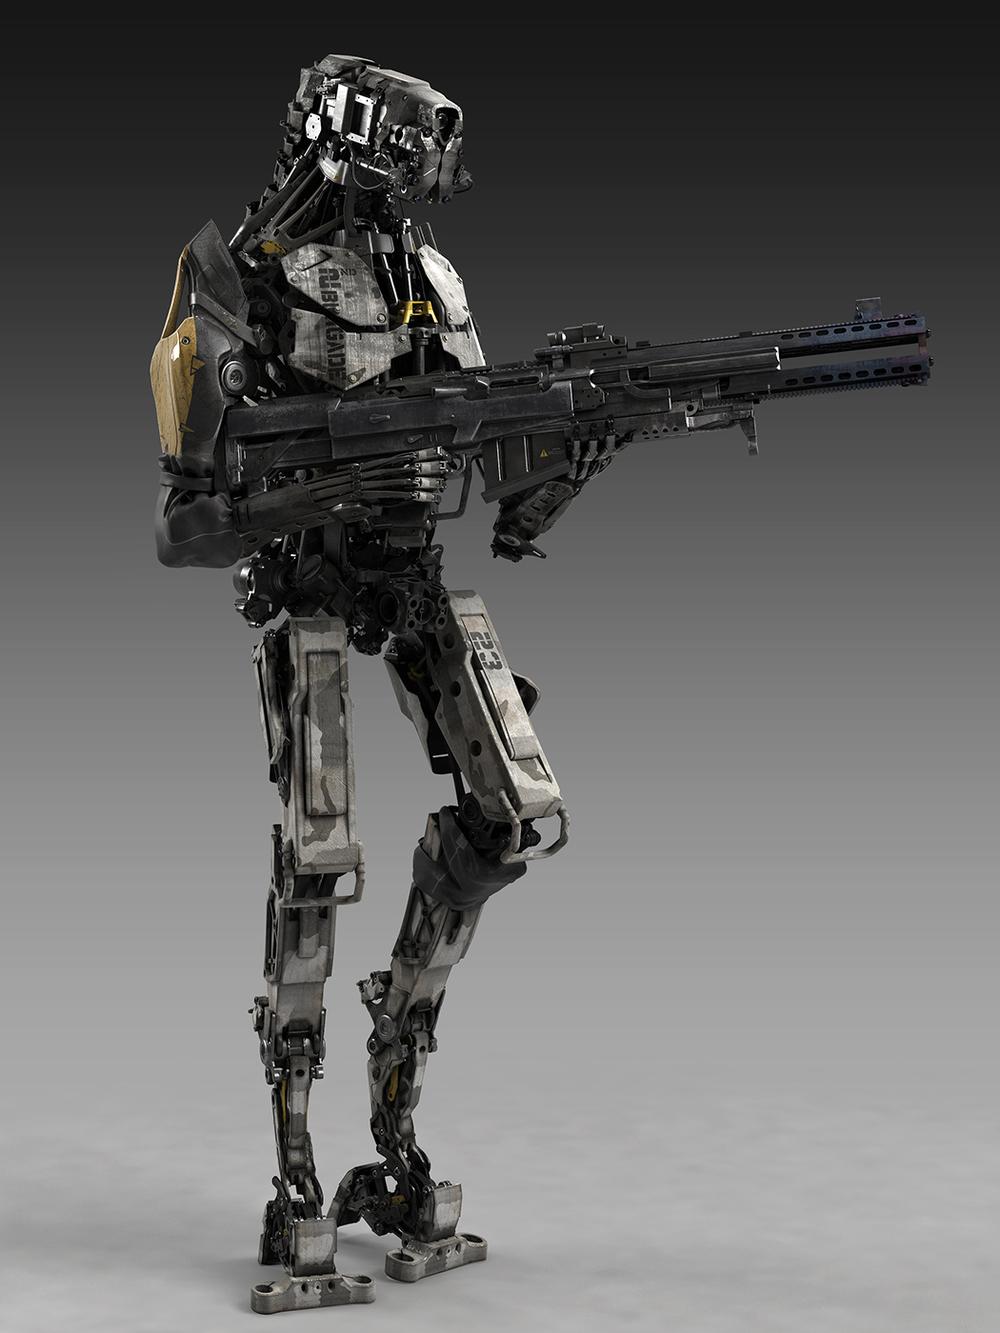 InfantryMech_HiRes_04_NoText.jpg